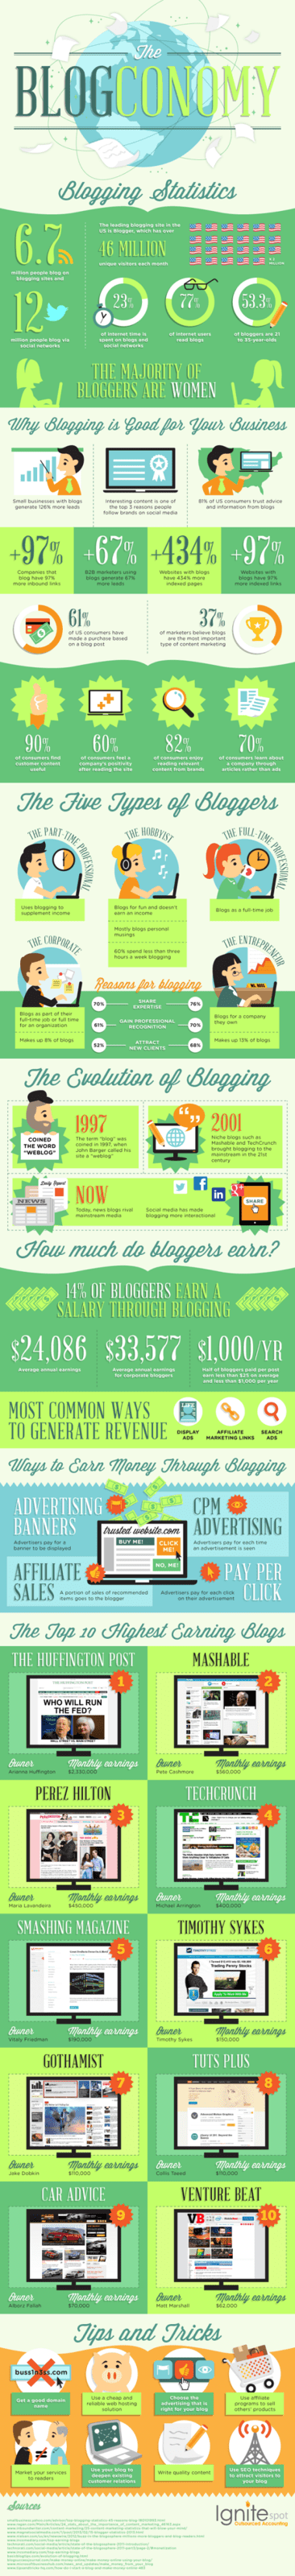 The-blogconomy-infographic-640x5604